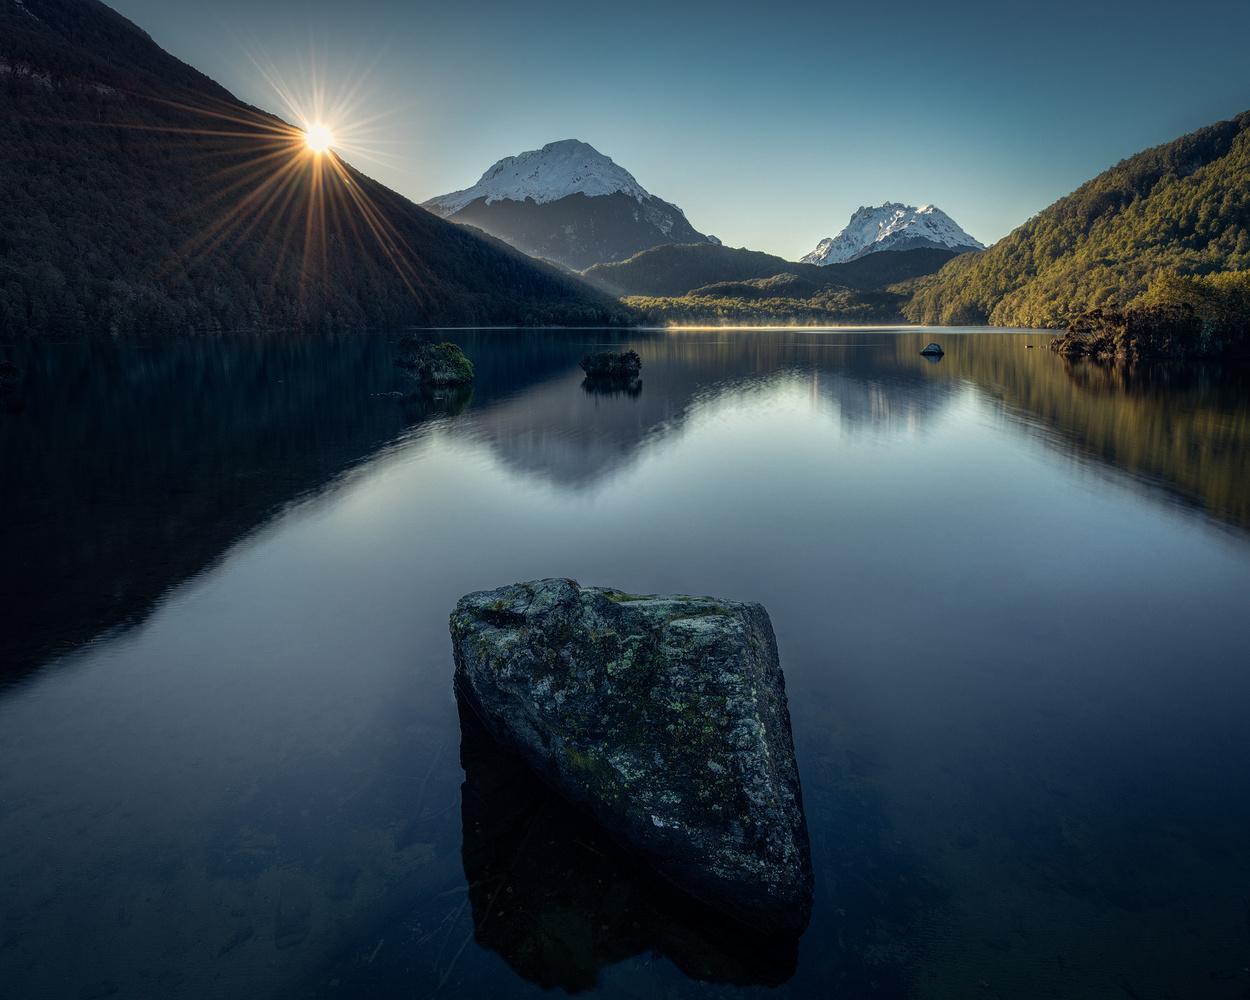 Lake Sylvan, New Zealand by Chris Wain